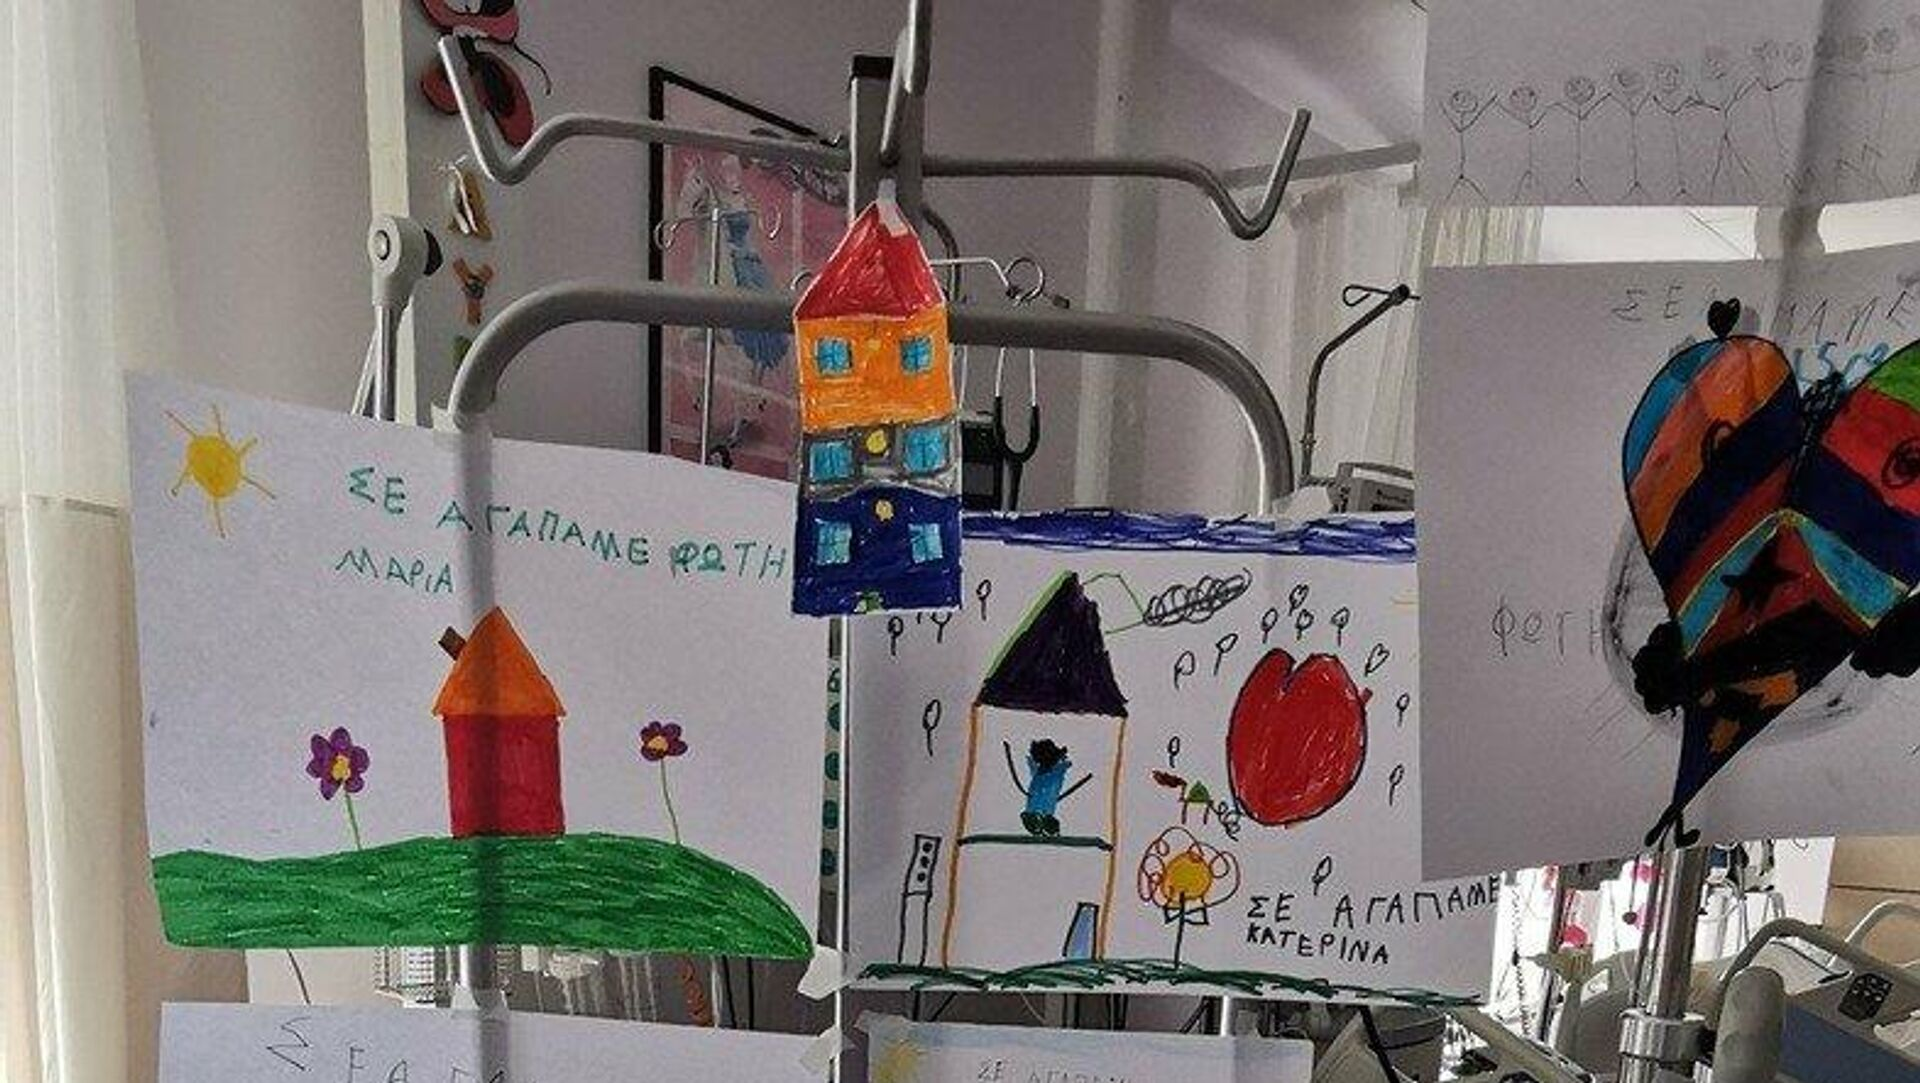 Γέμισε ζωγραφιές η ΜΕΘ για τον 6χρονο που τραυματίστηκε σε αγώνα καρτ - Sputnik Ελλάδα, 1920, 23.09.2021